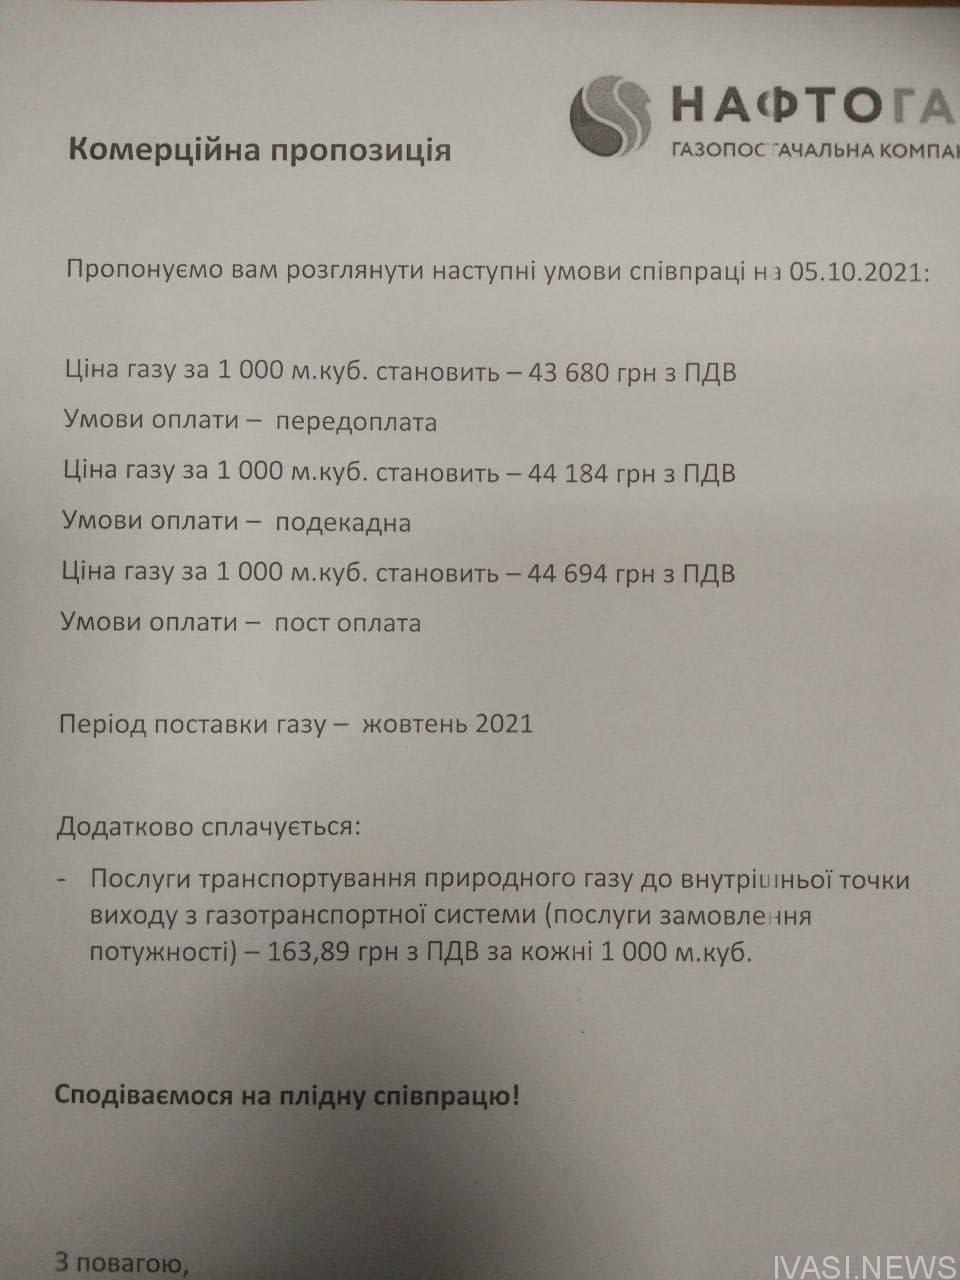 Нафтогаз пропонує газ для ОСББ по 44 гривні: вартість опалення квартир зросте в кілька раз